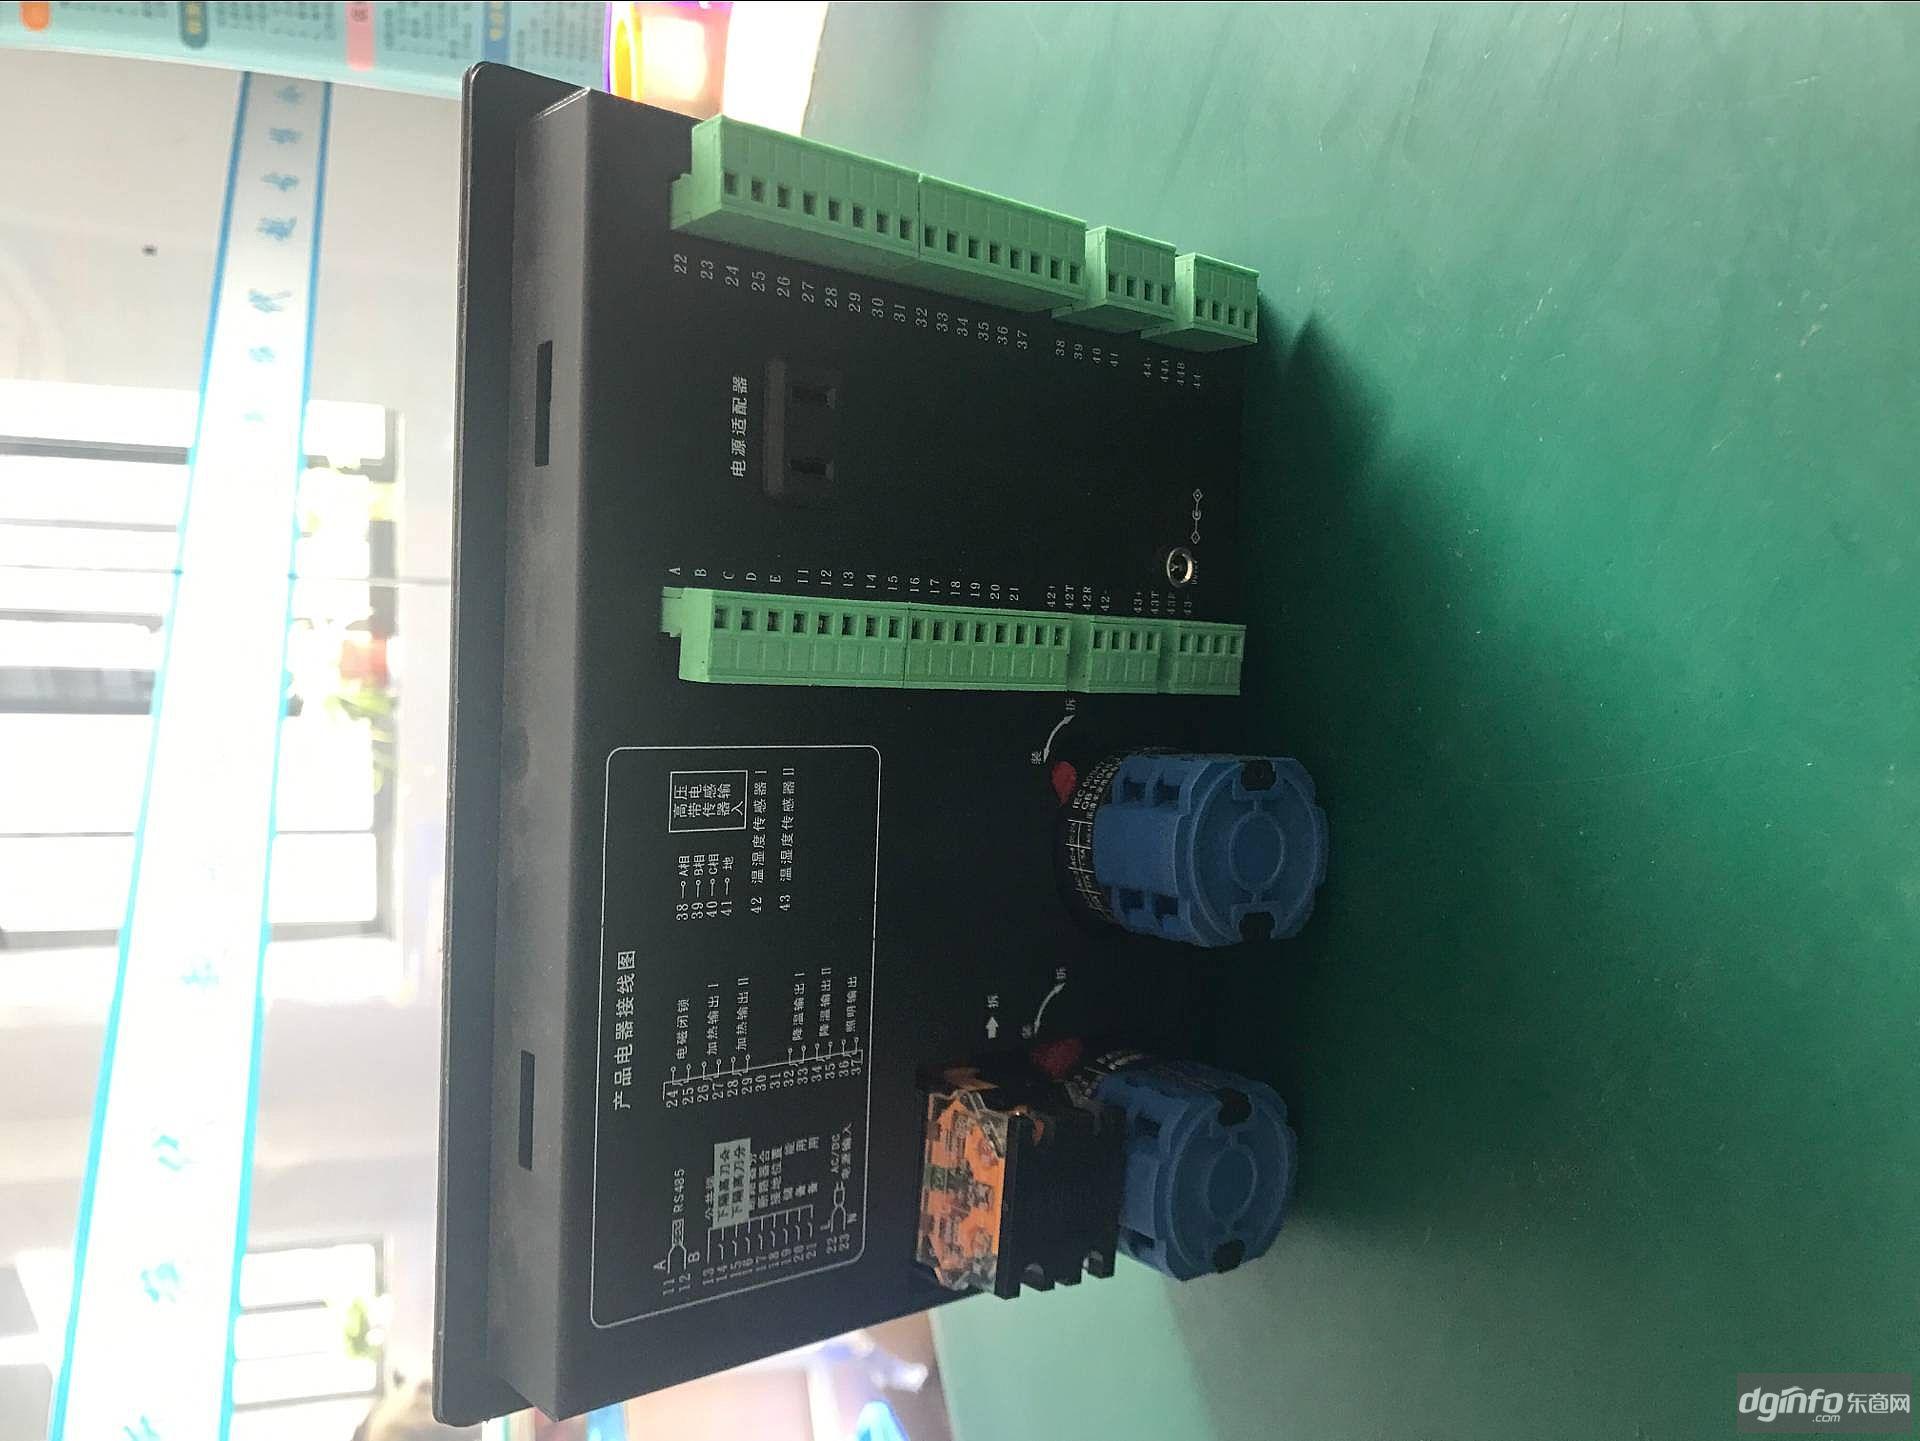 杭州DYK8000智能操控丨开封DYK8800智能操控装置丨安阳开关柜智能操控装置秦皇岛